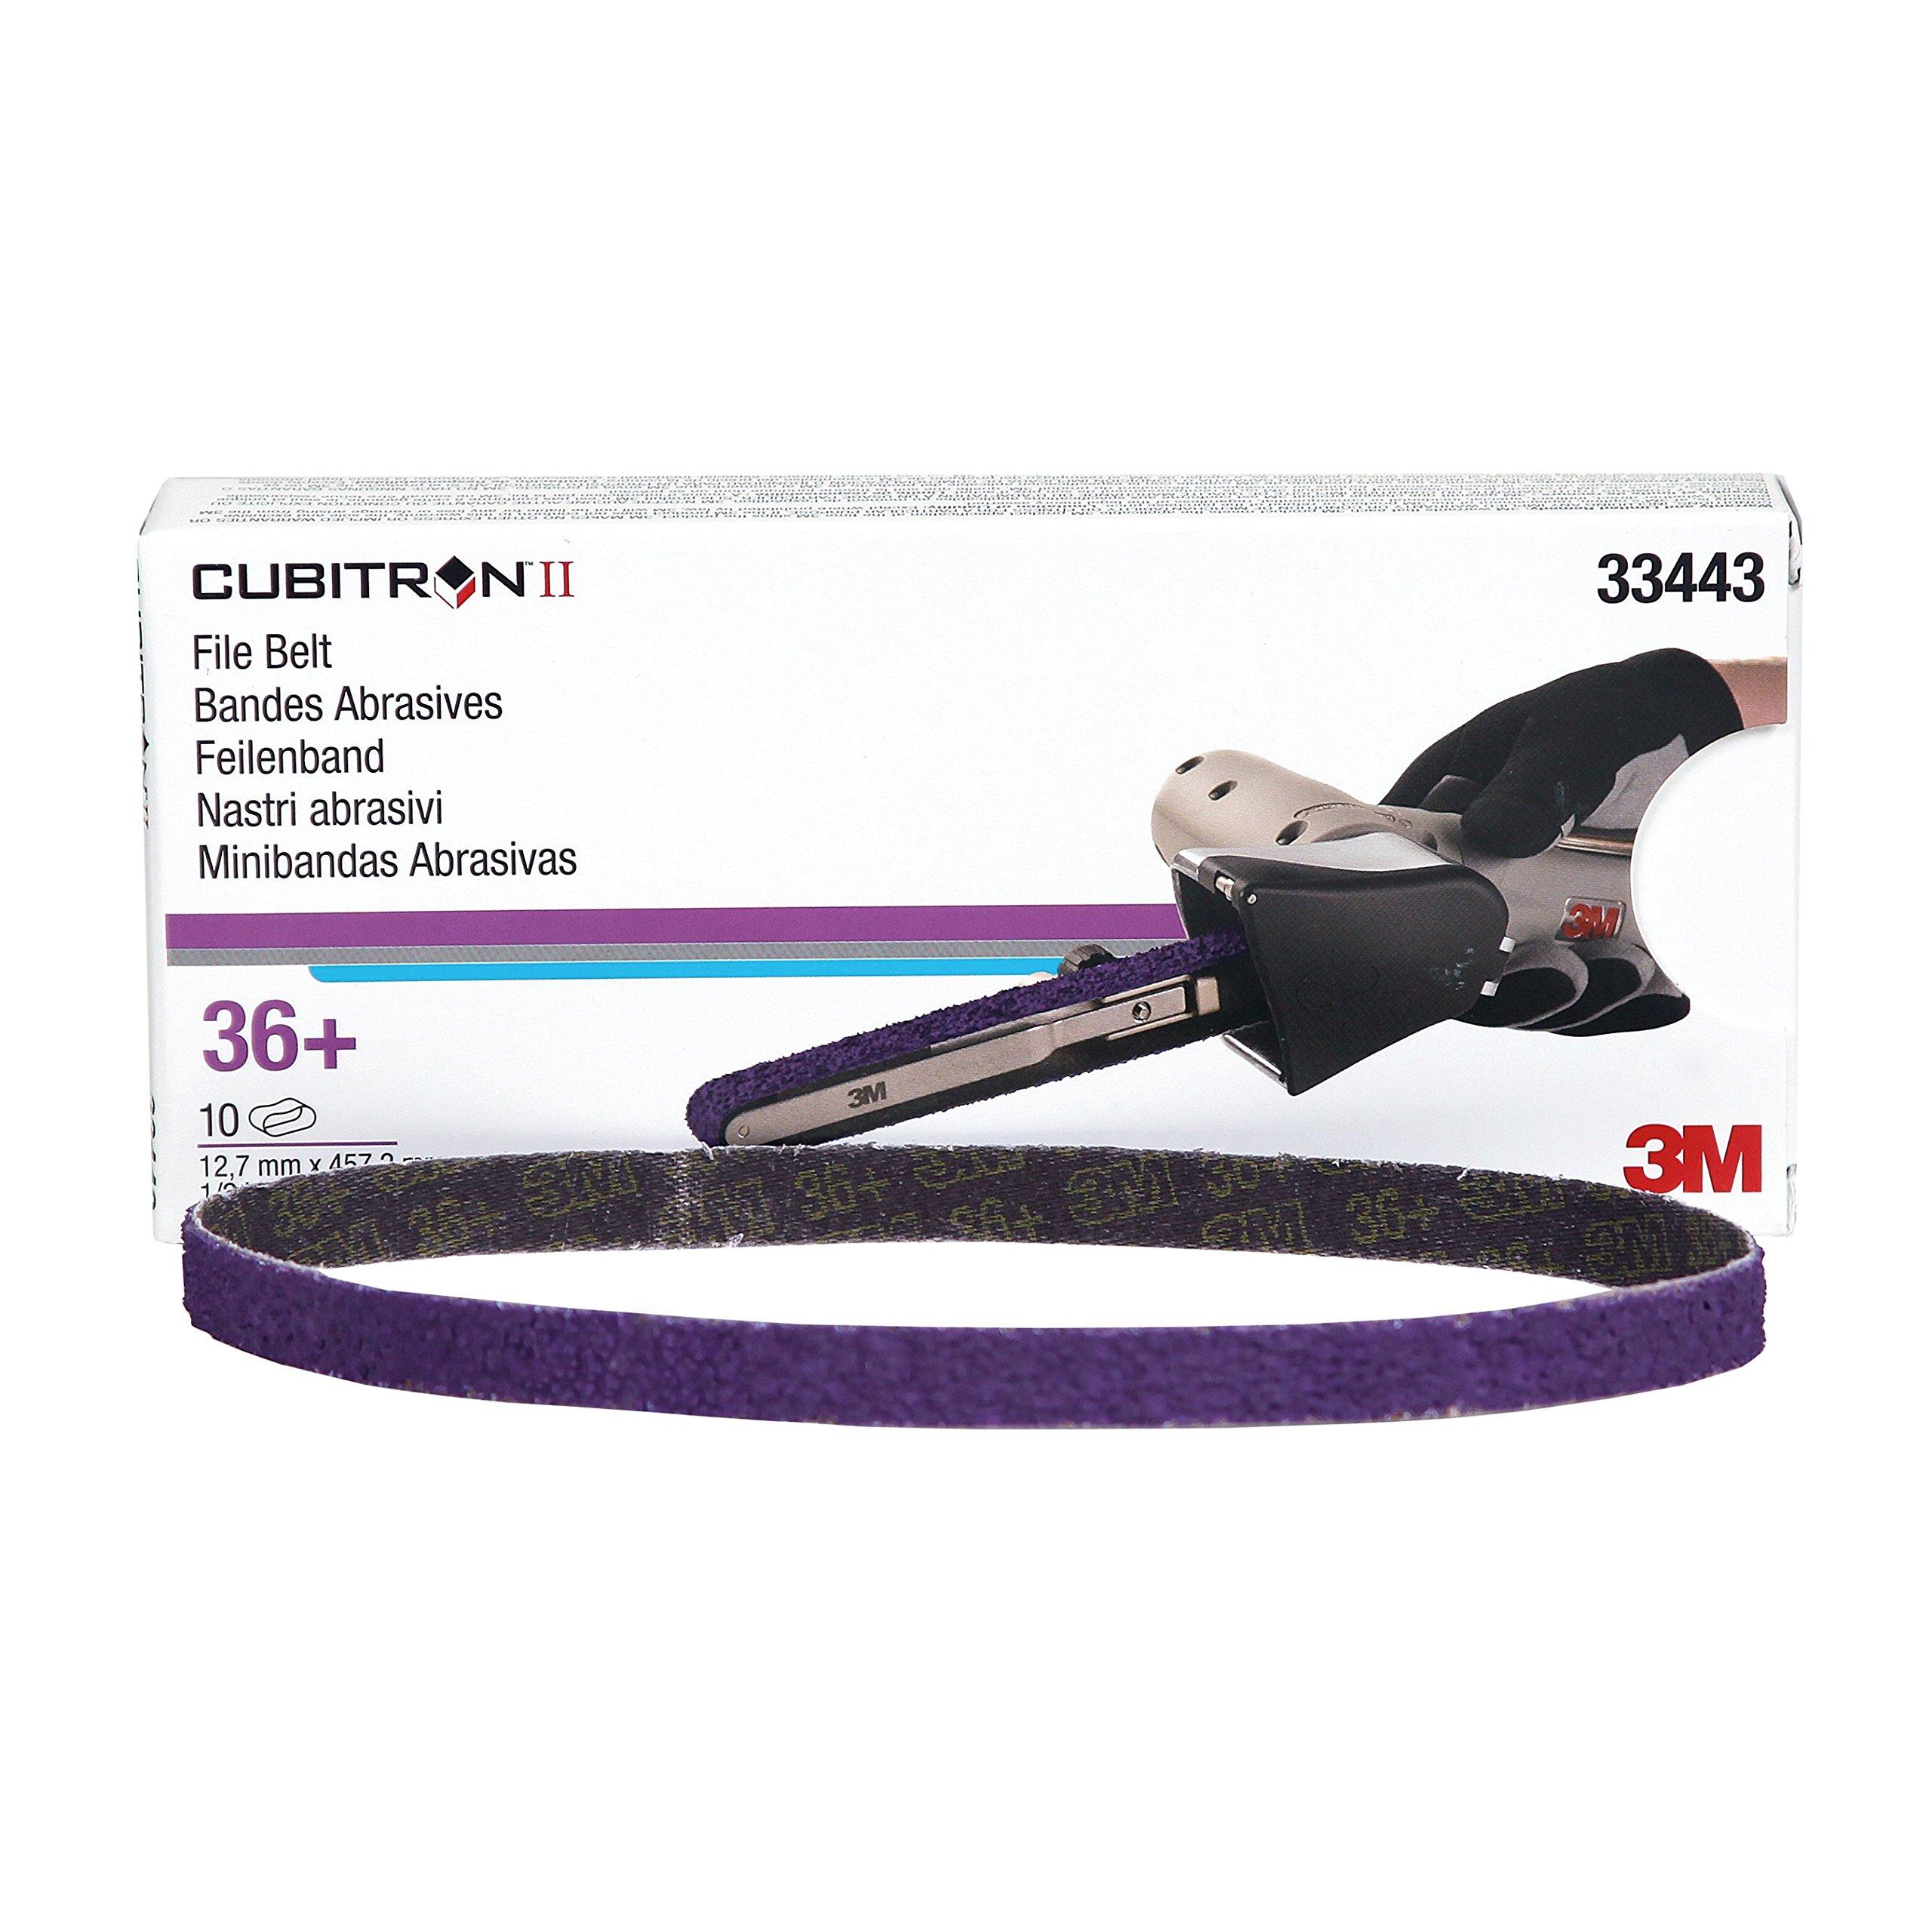 Cubitron 3M 33443 II 1/2'' x 18'' File Belt - 10 Belts/Box by Cubitron (Image #1)